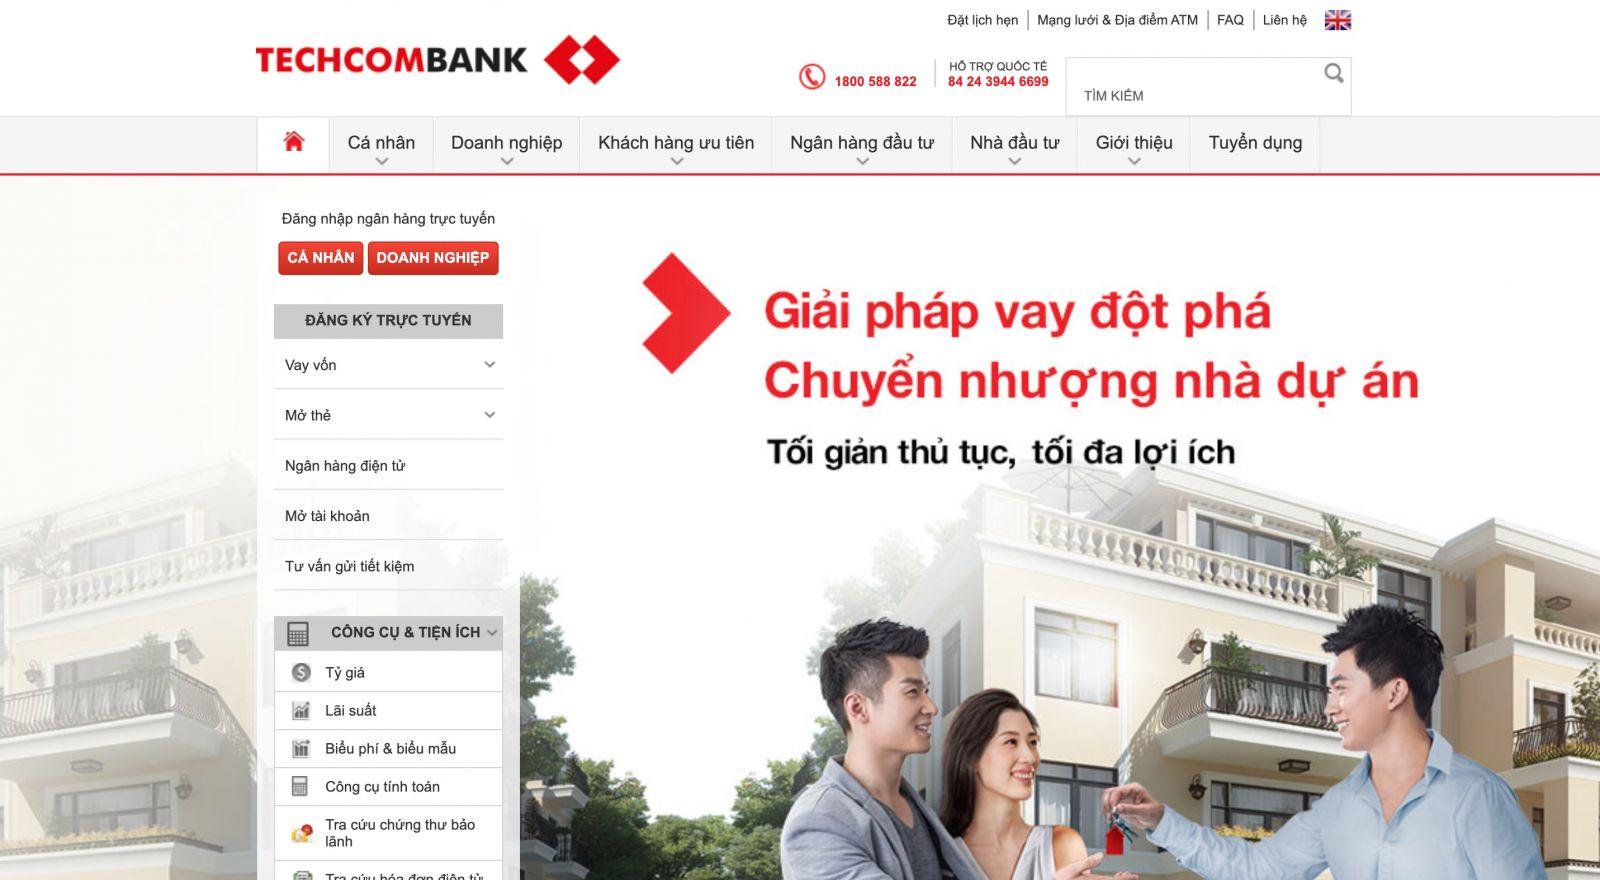 Website Techcombank